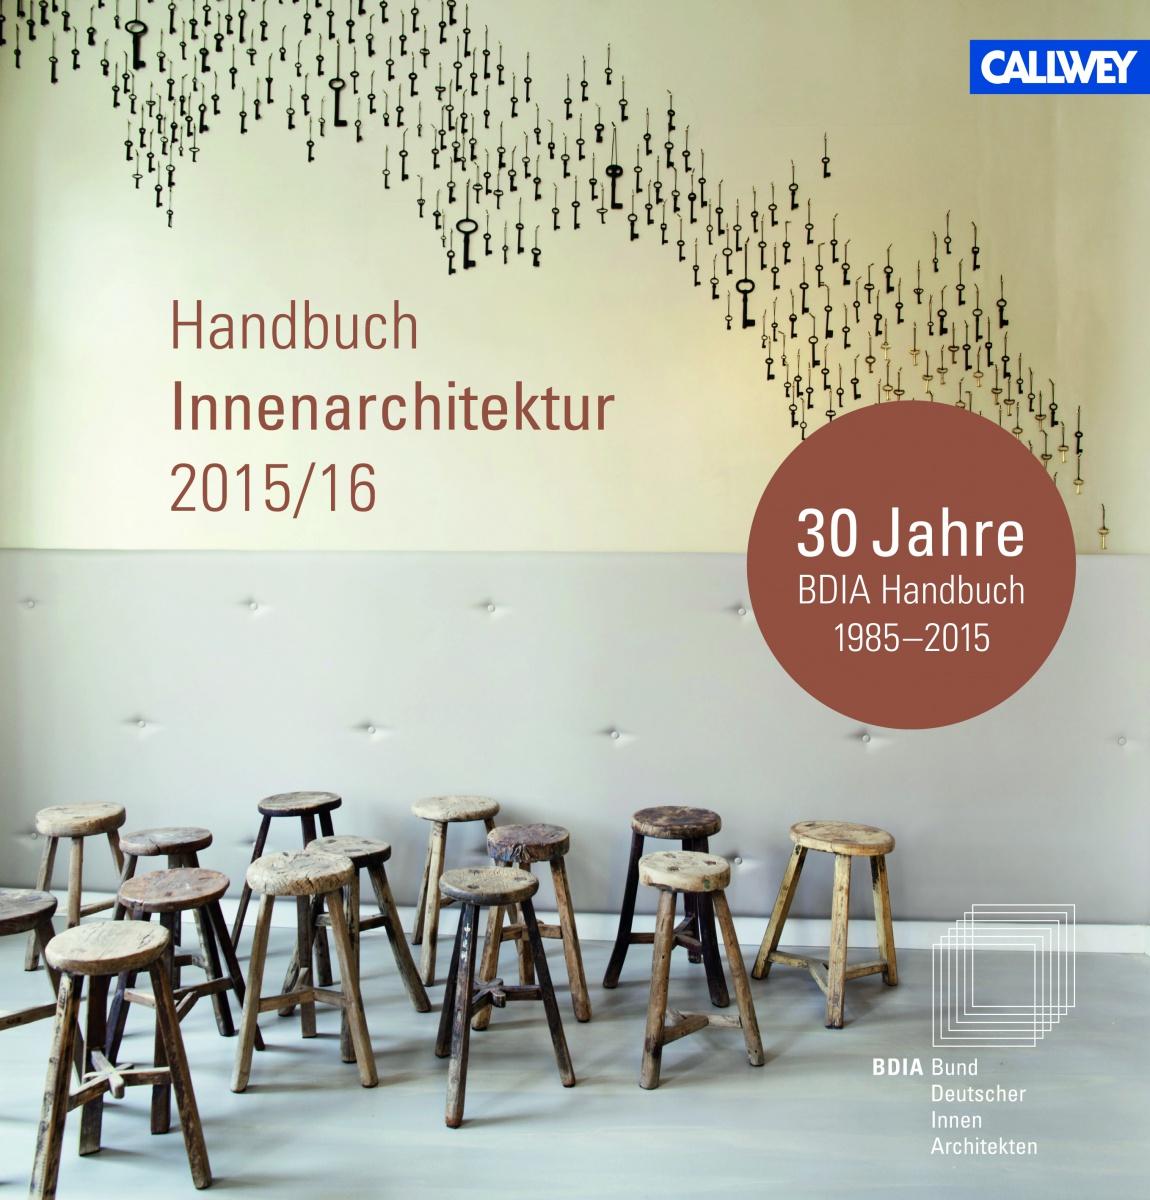 Innenarchitektur literatur for Innenarchitektur lippstadt